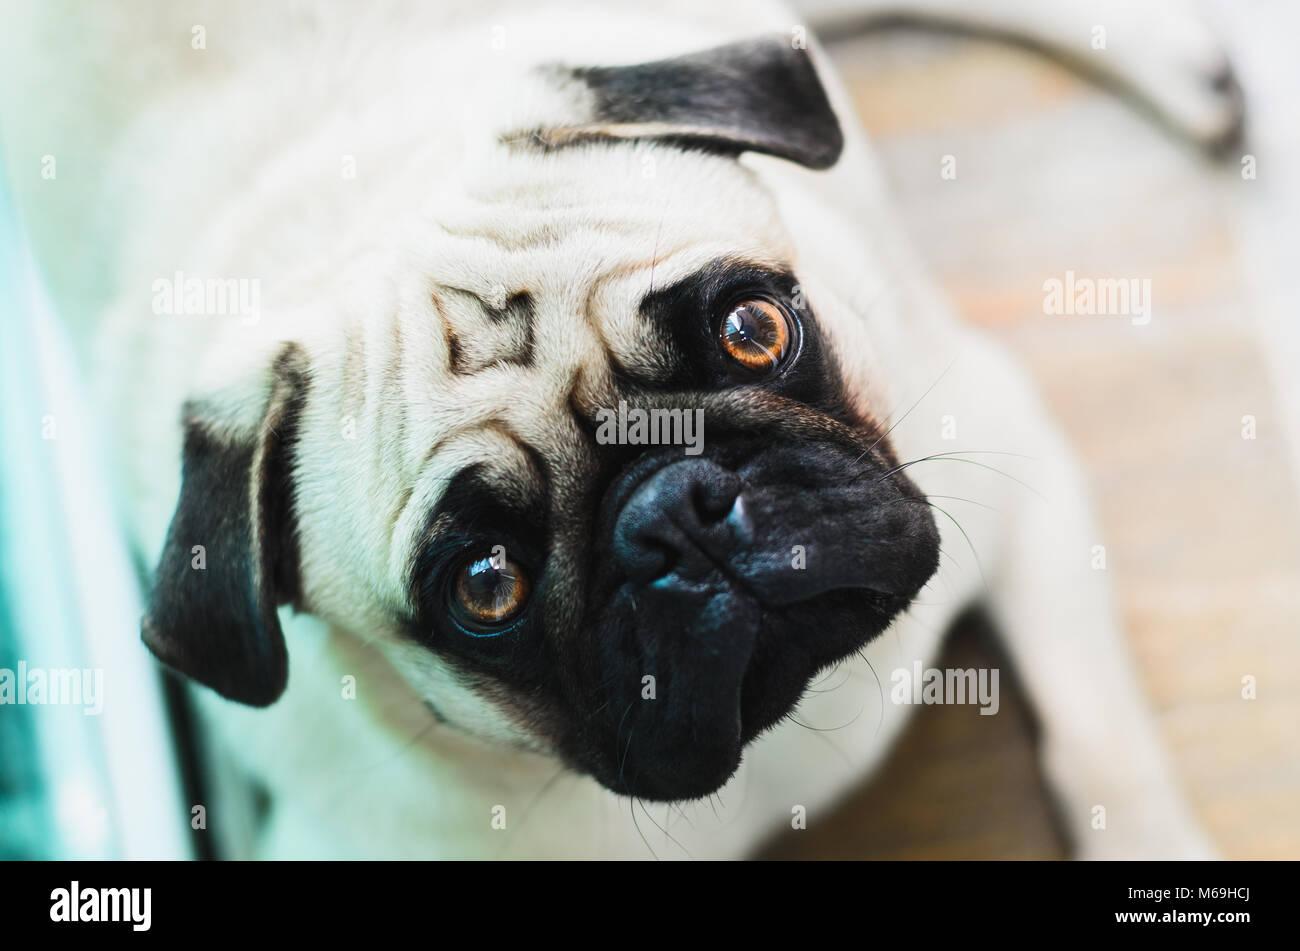 Pug mirando hacia arriba con la cabeza inclinada hacia el lado. Perro expresivo, lástima cara. Imagen De Stock